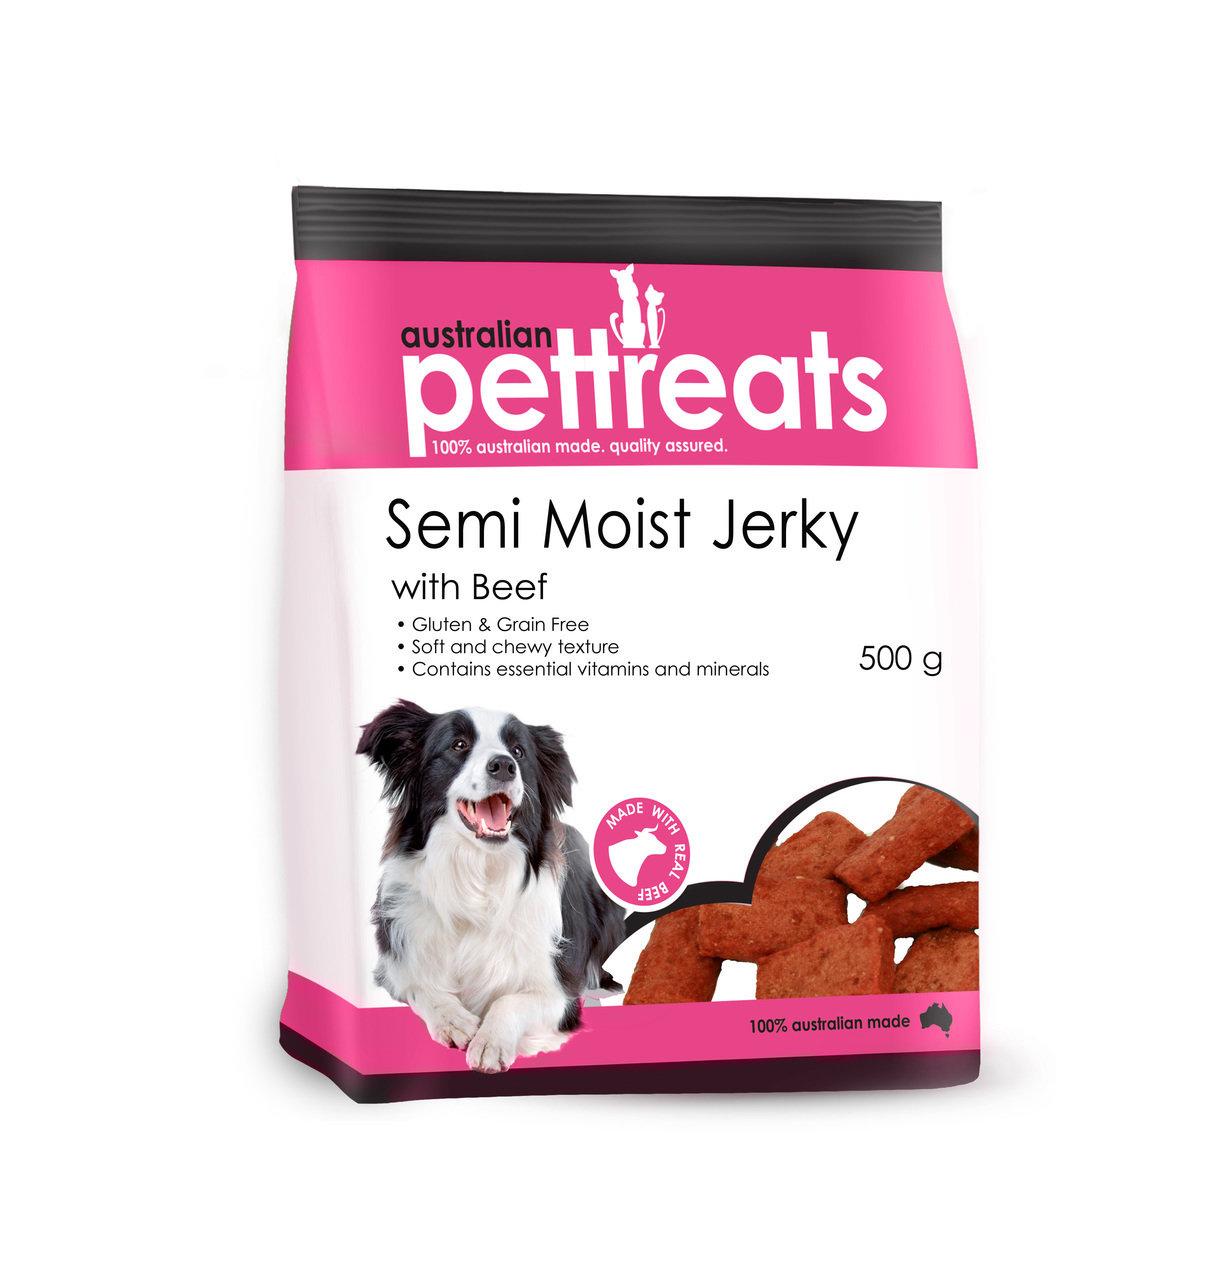 Semi Moist Jerky 4 Flavours - Gluten and Grain Free